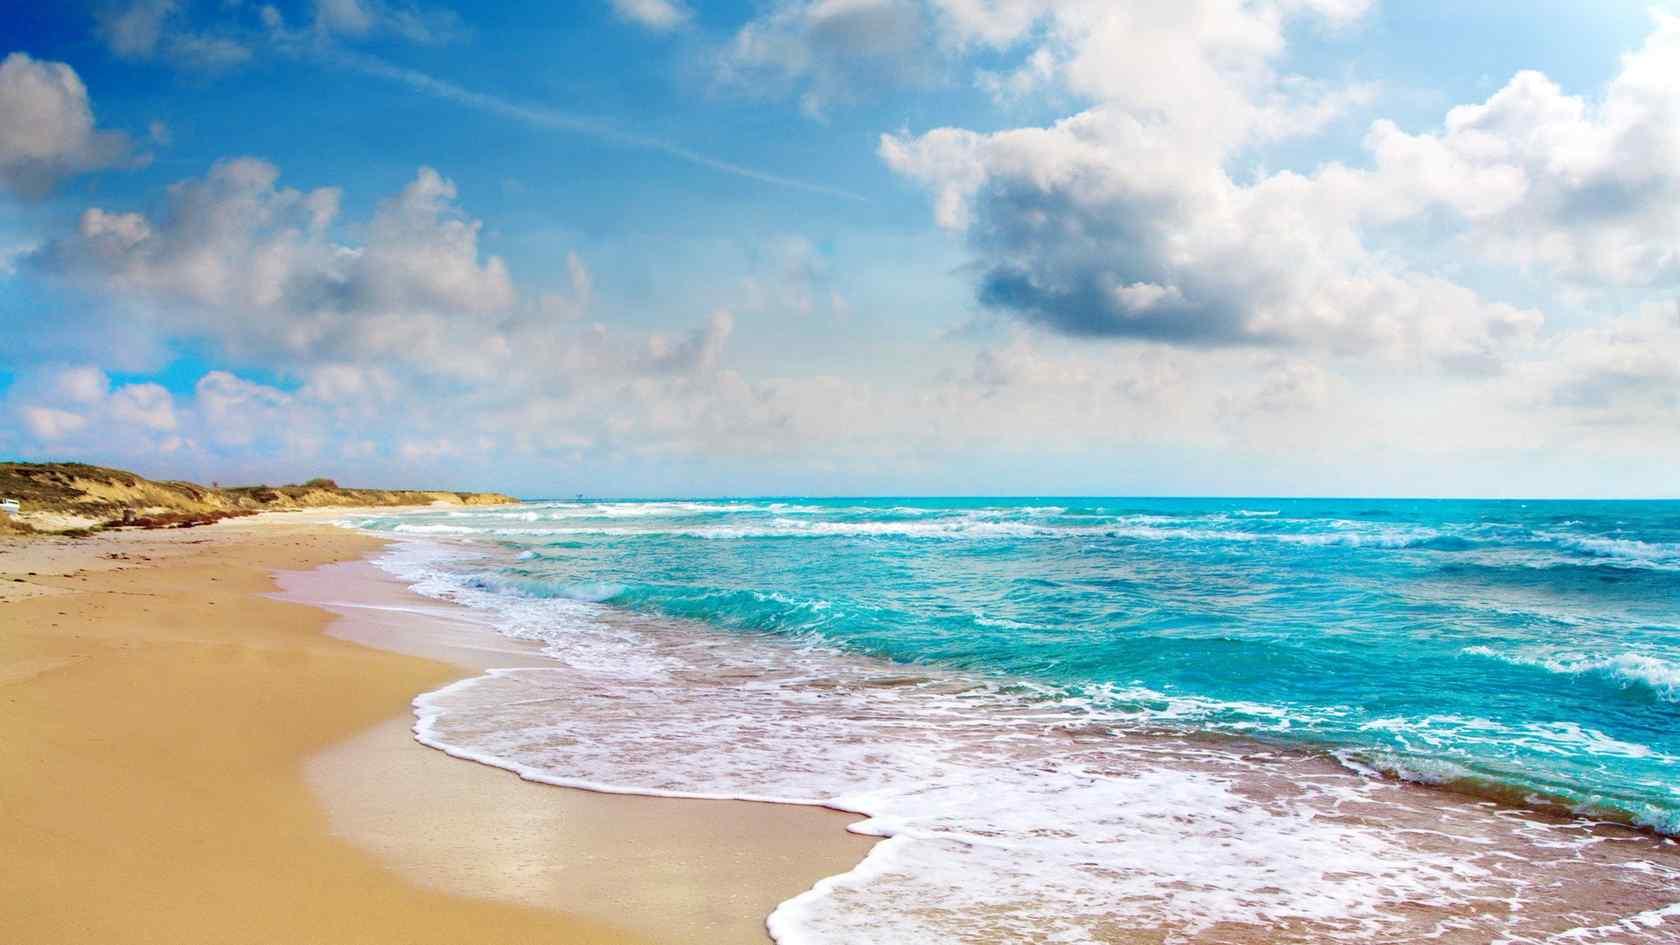 唯美大海与沙滩桌面壁纸